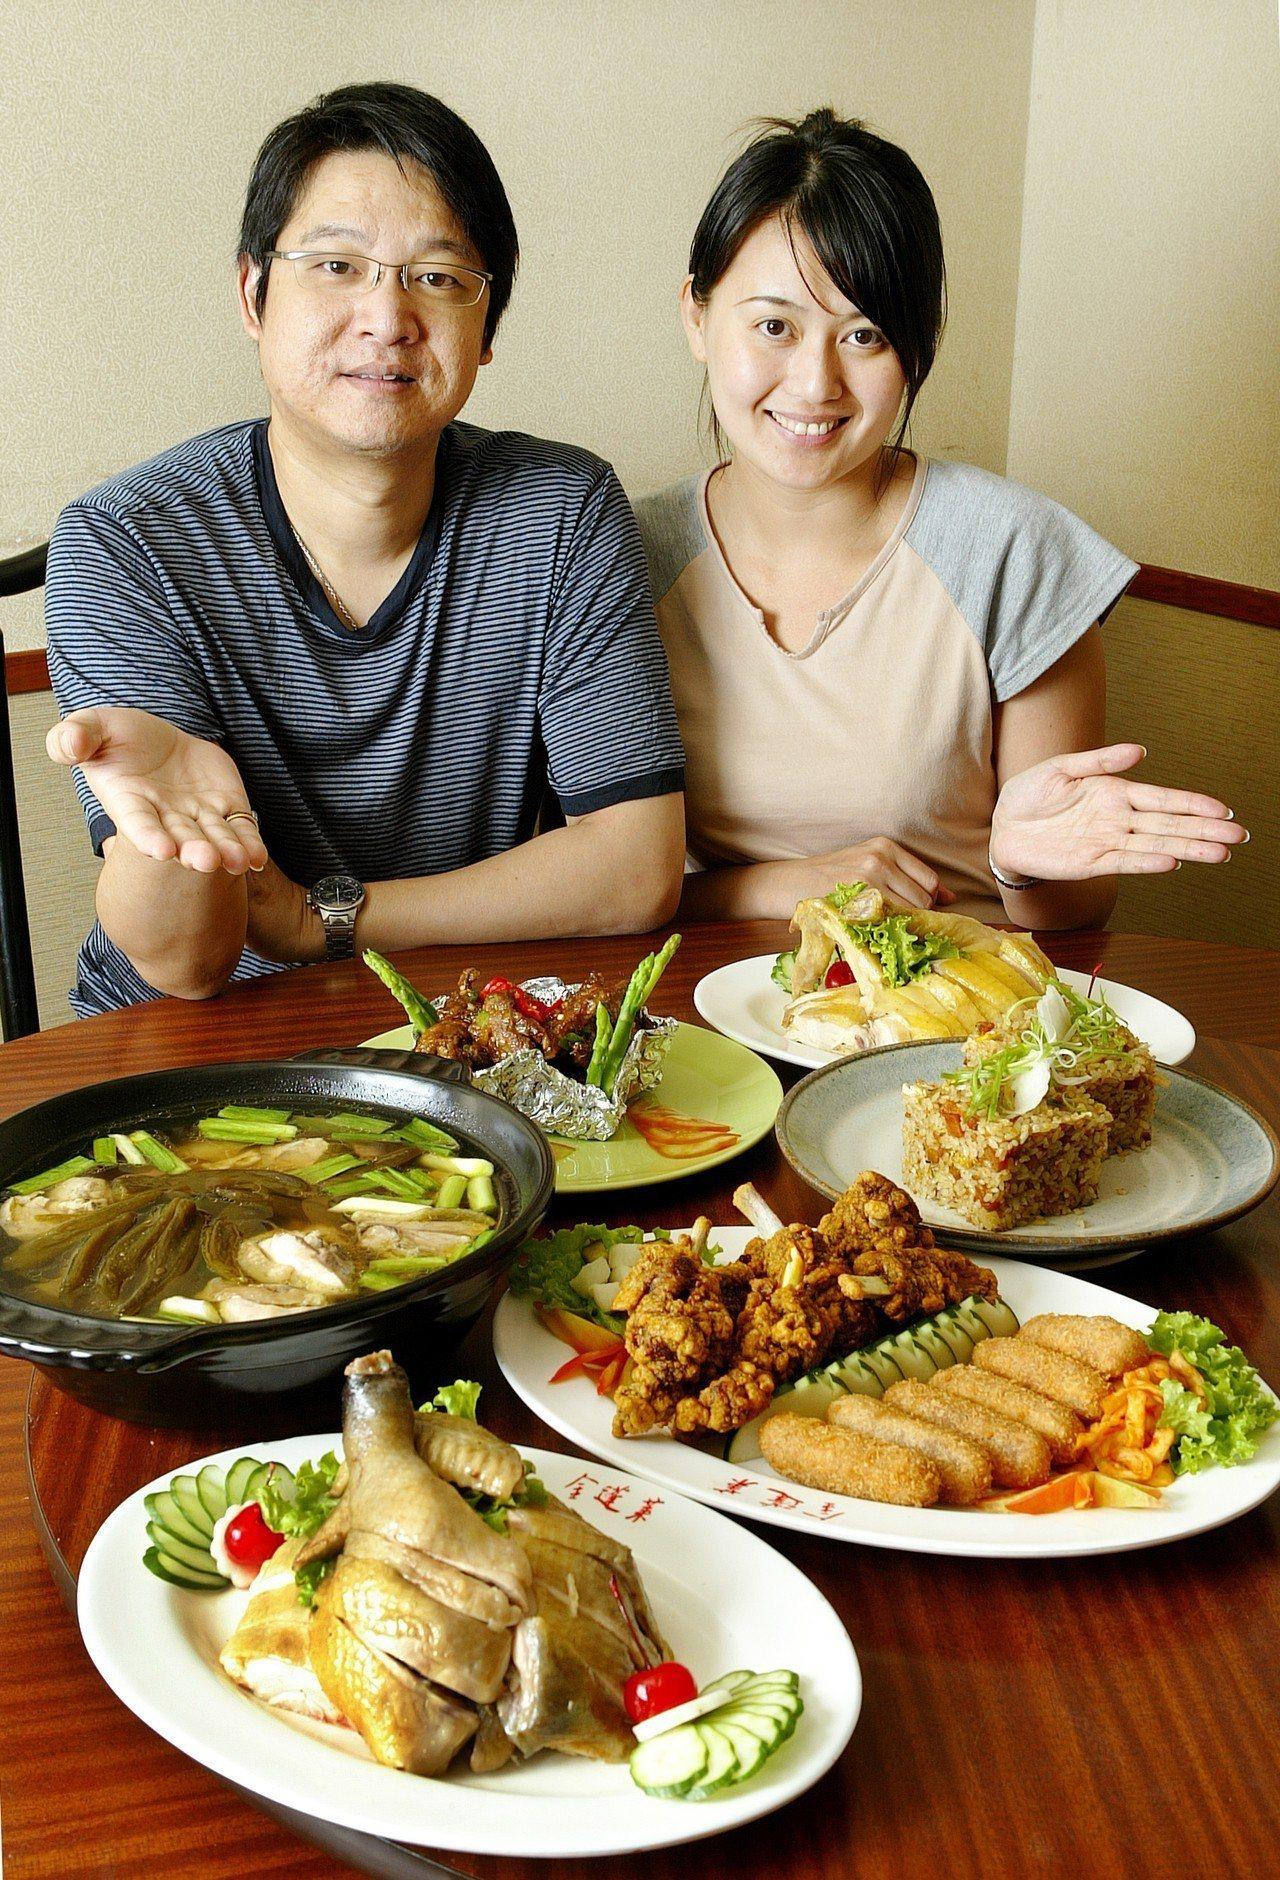 金蓬萊餐廳老板陳博璿及老板娘楊雪芬夫婦。記者蘇健忠/攝影